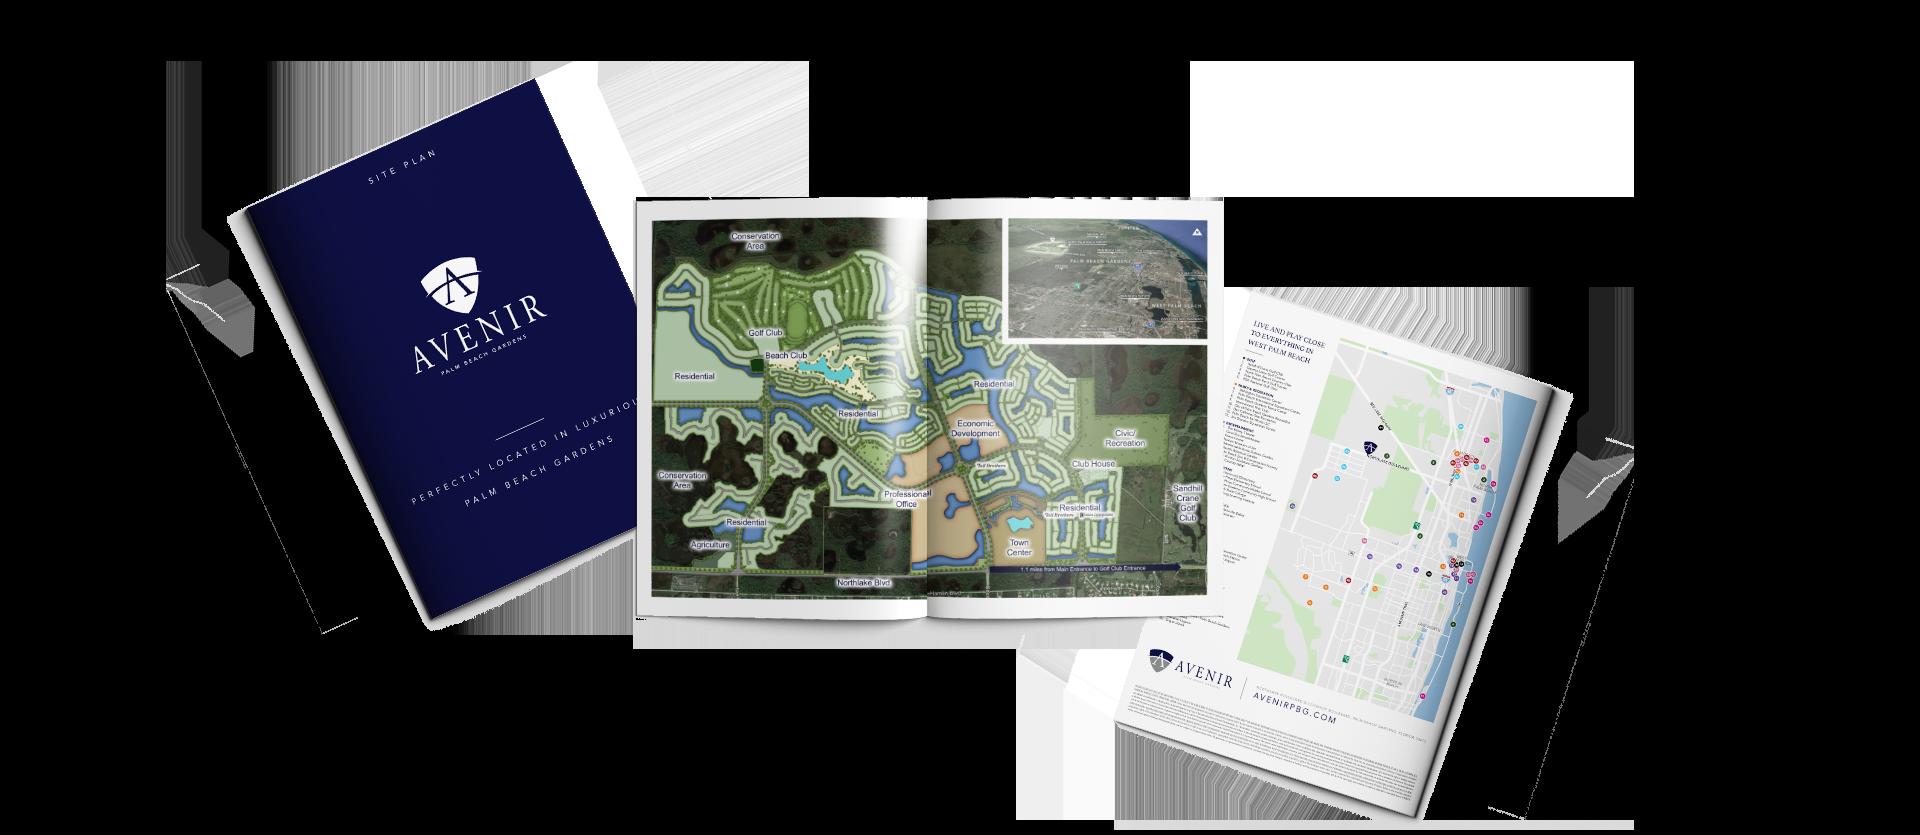 Siteplan Brochure